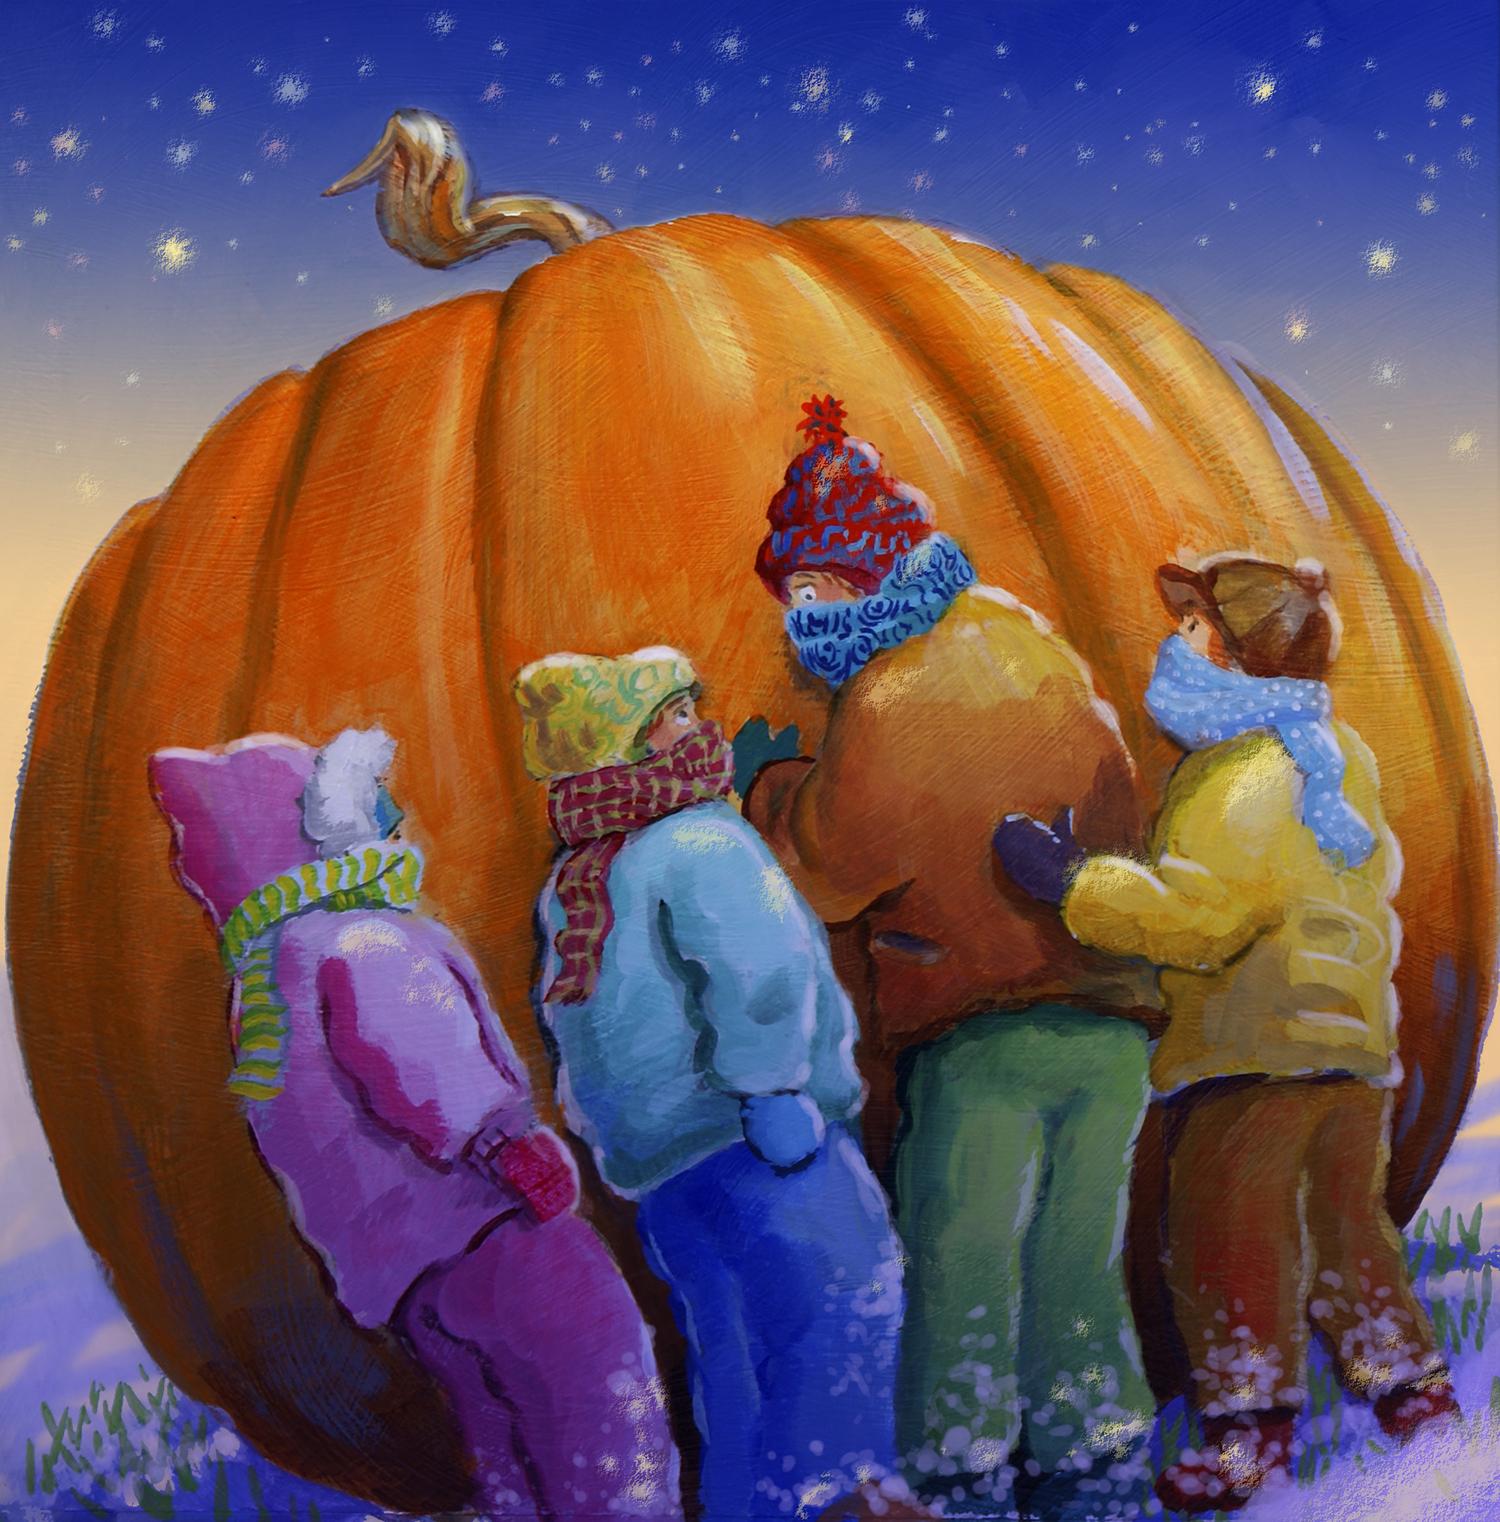 The Flatulent Pumpkin